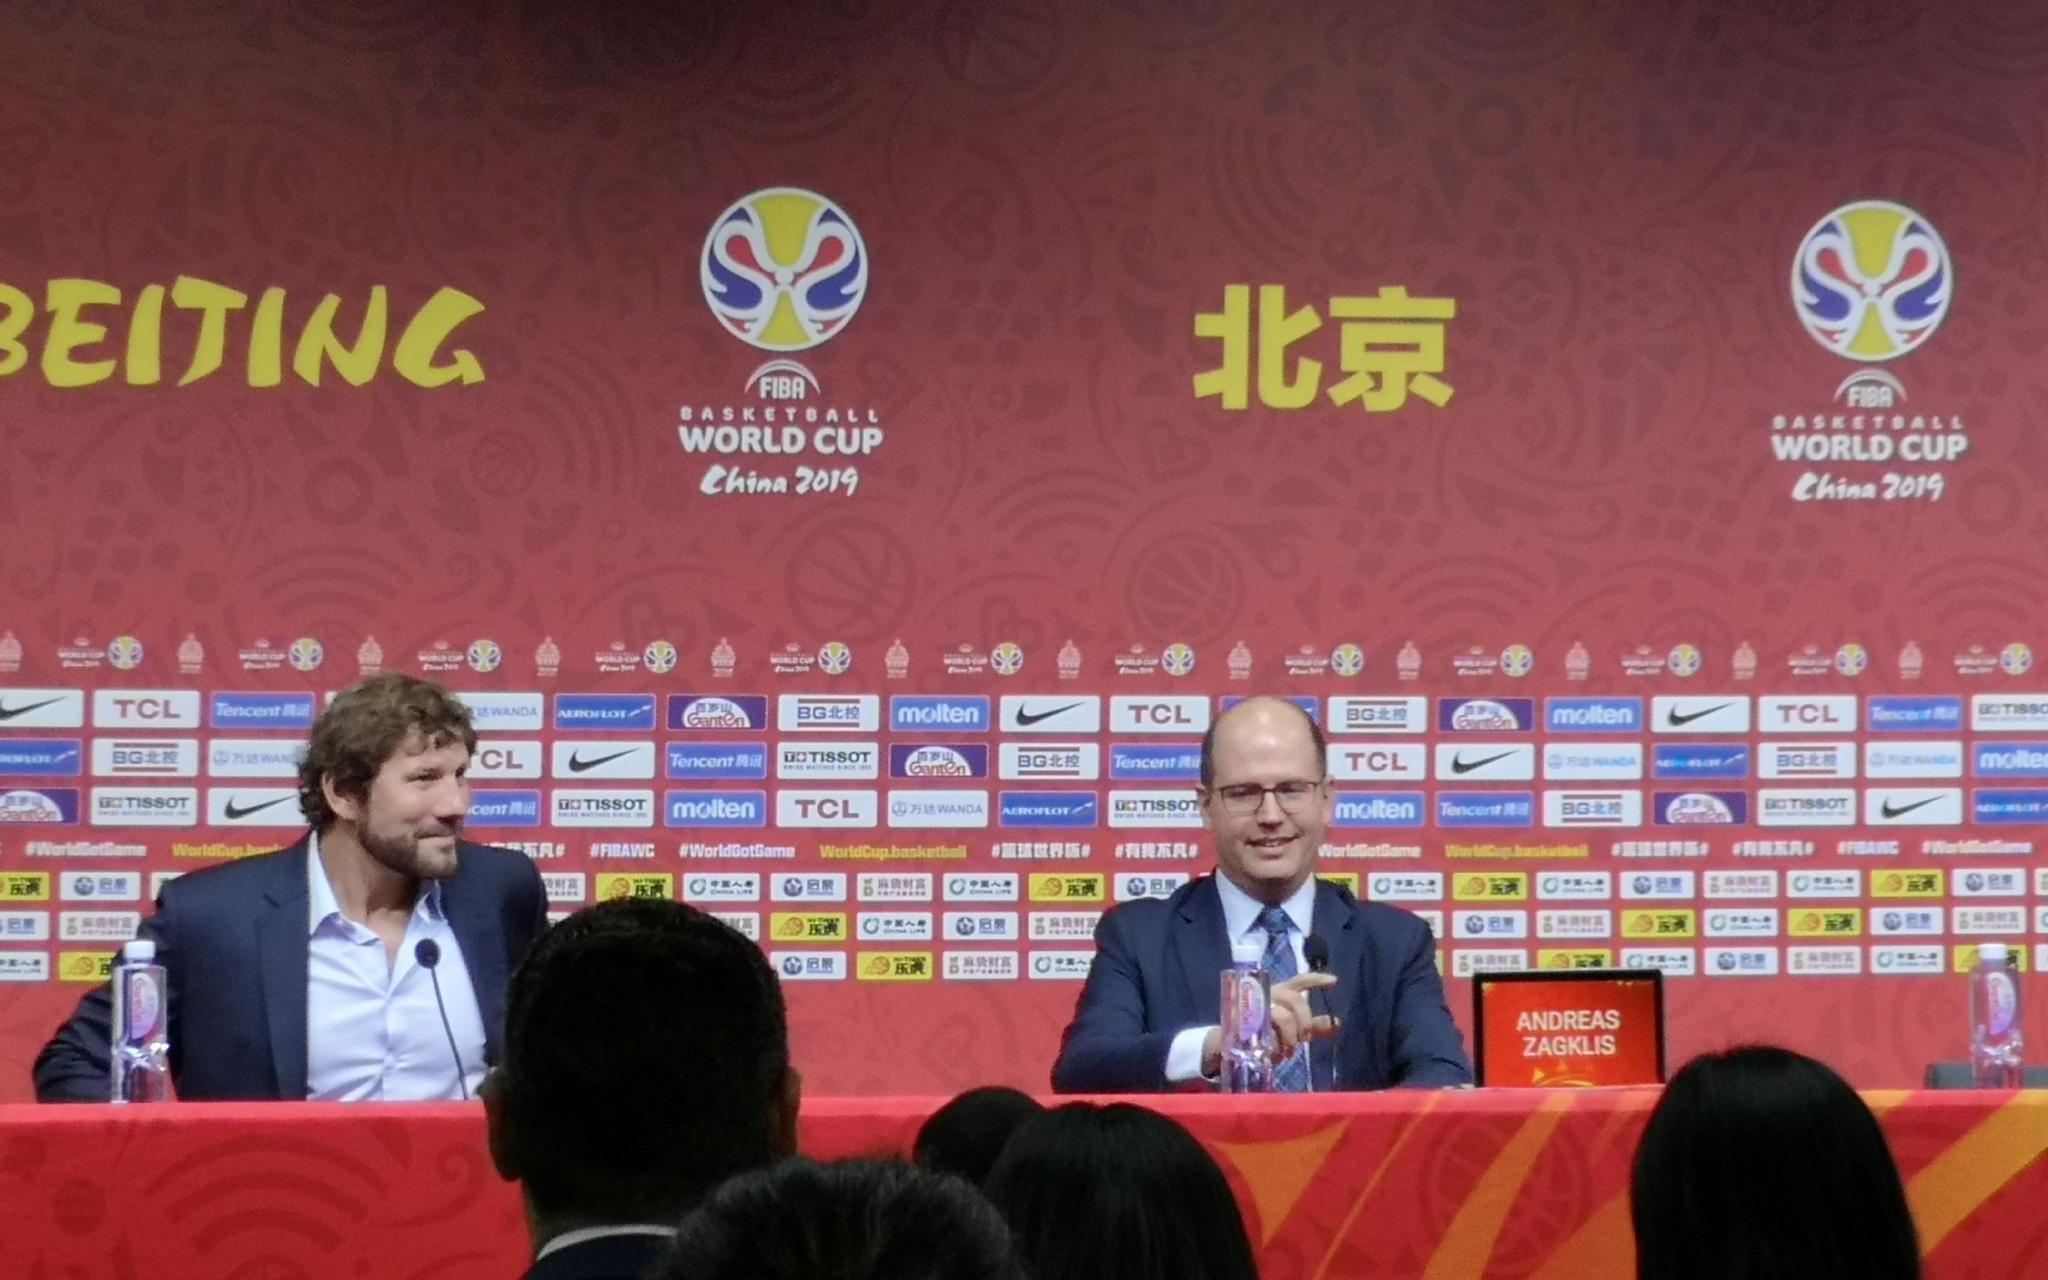 [转载]FIBA秘书长总结篮球世界杯:赛事体系会越来越好